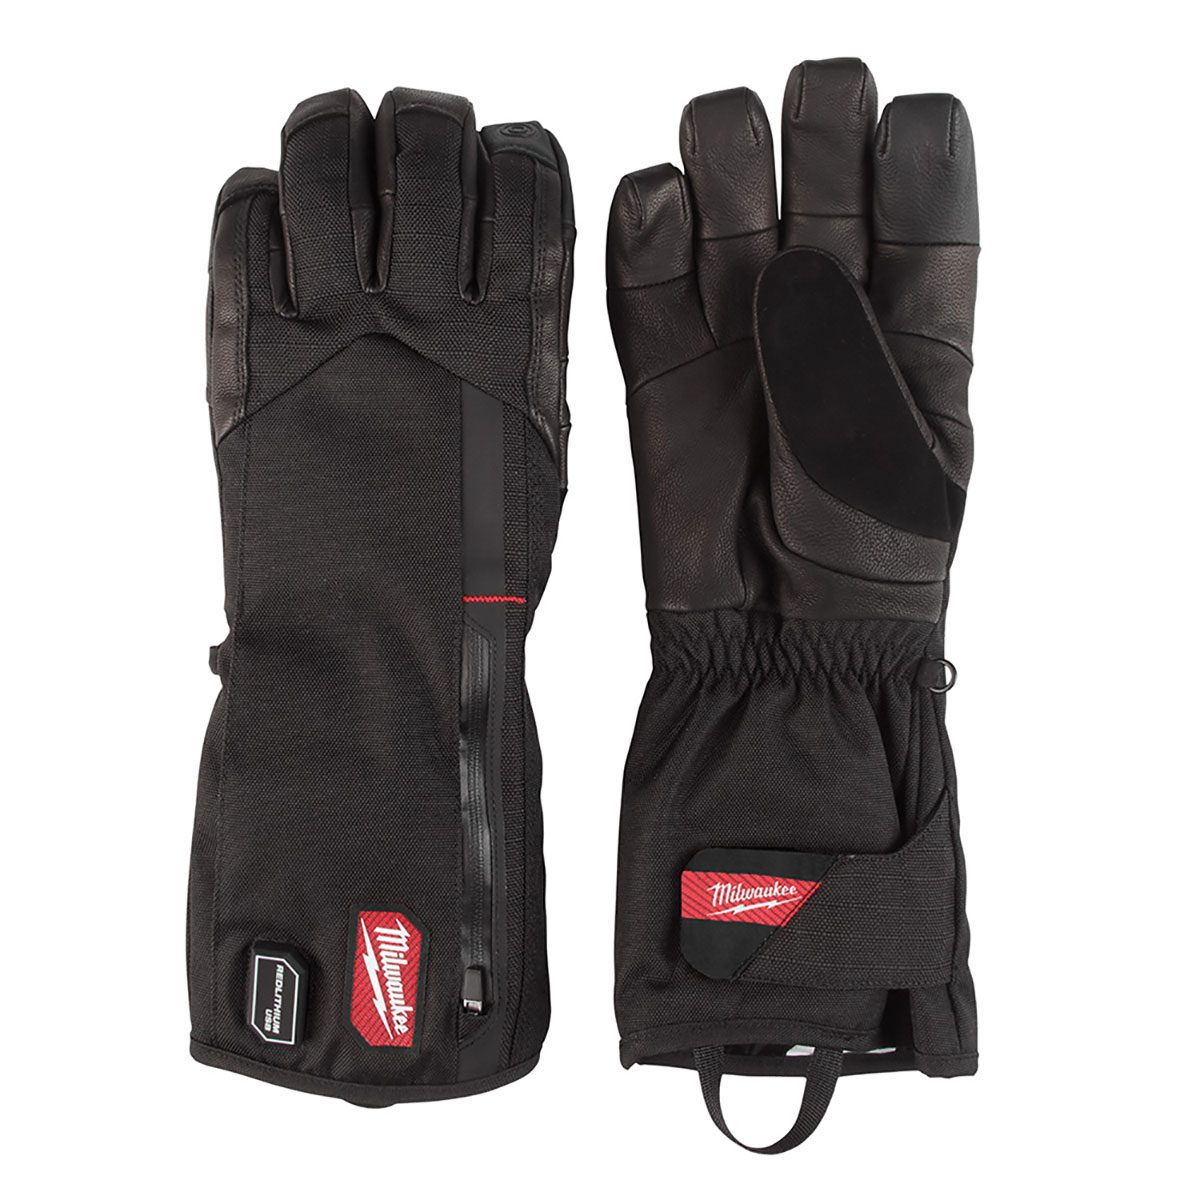 Milwaukee Heated Gloves | Construction Pro Tips